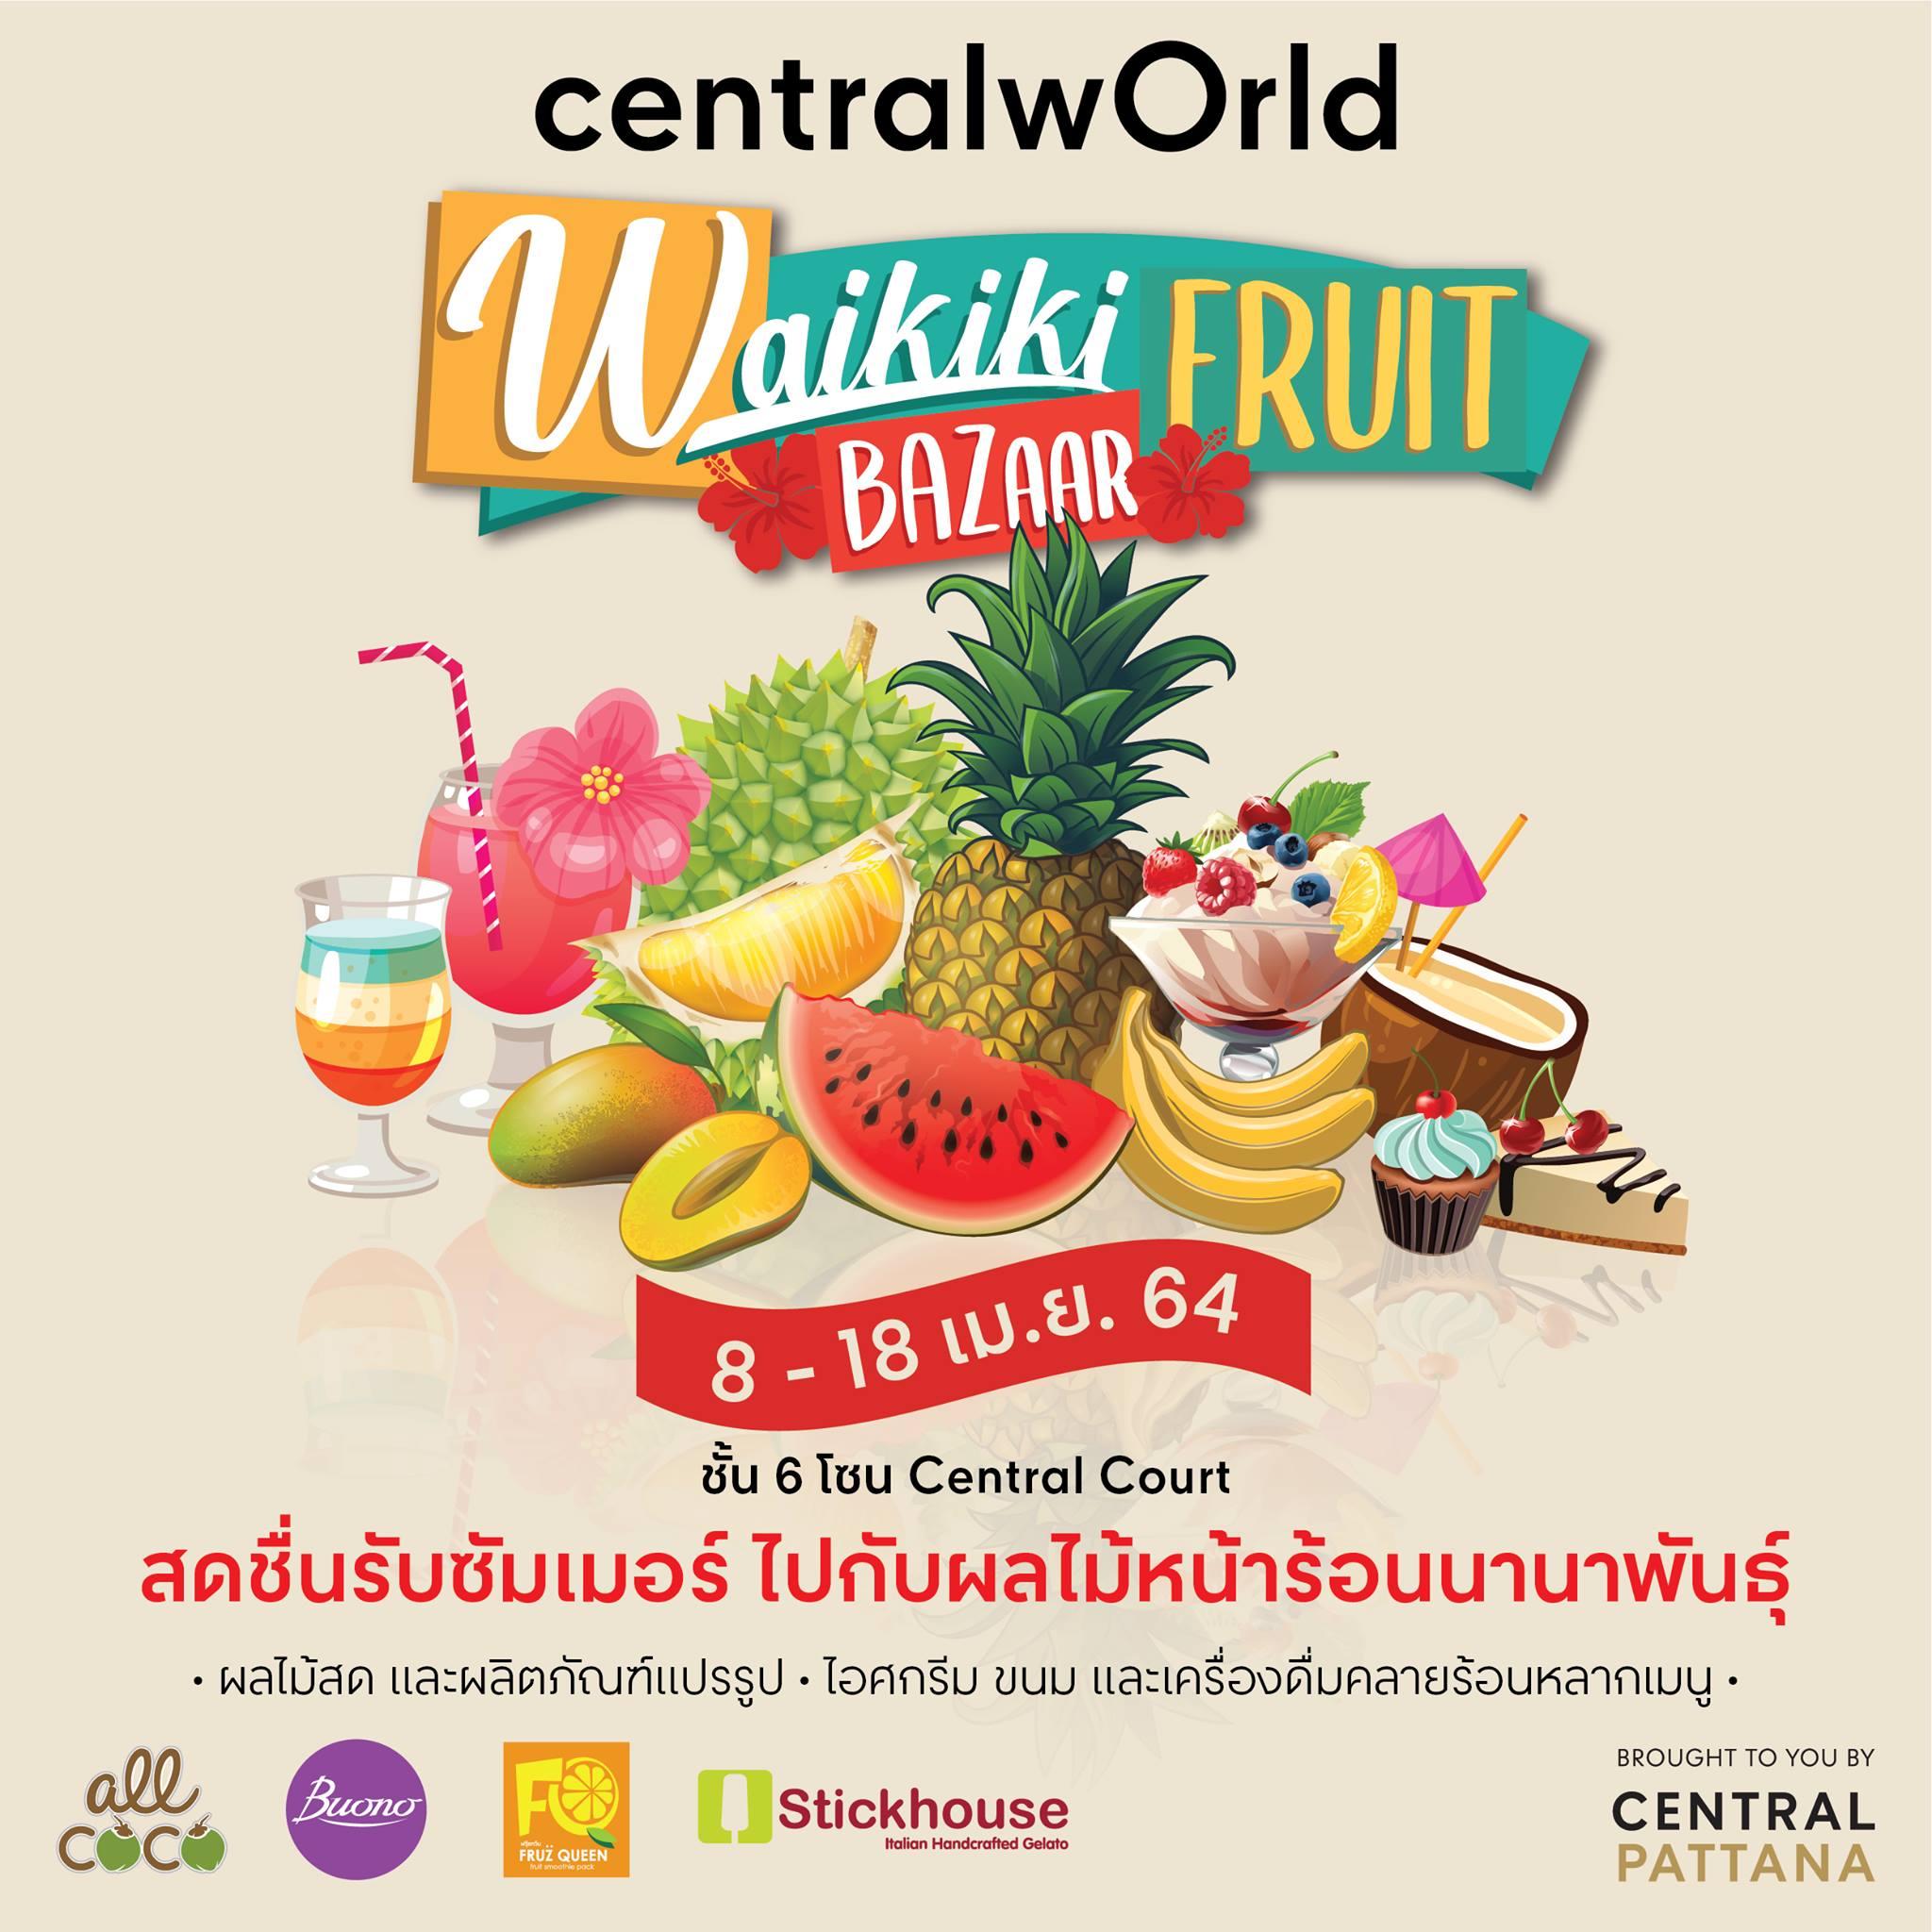 Waikiki Fruit Bazaar @centralwOrld